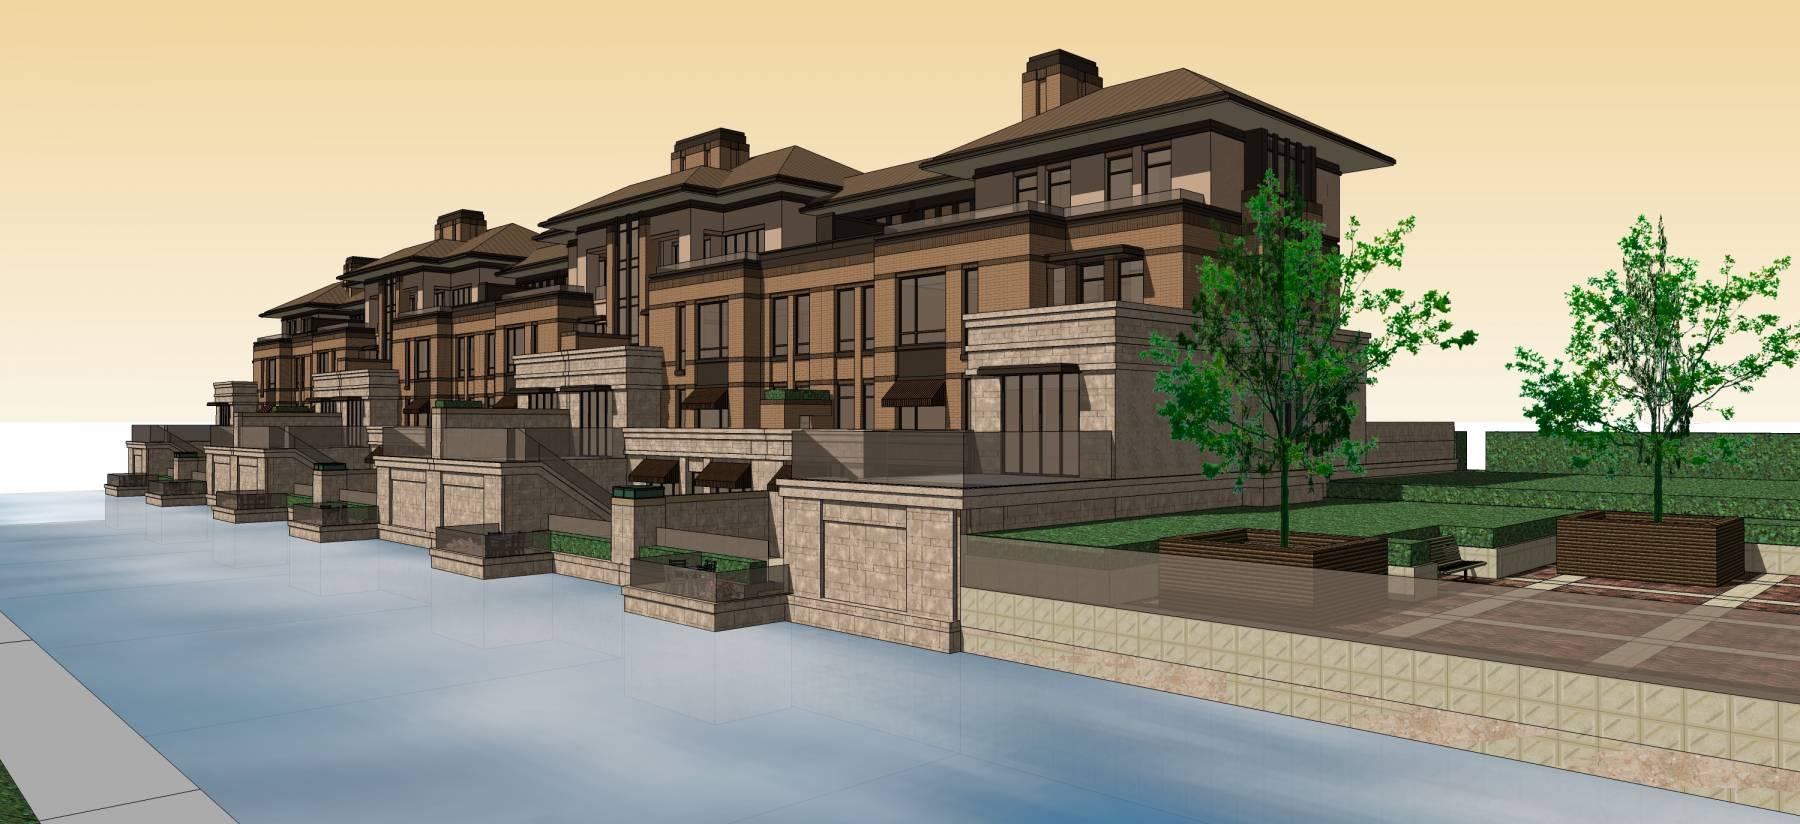 碧水庄园新古典风格别墅设计